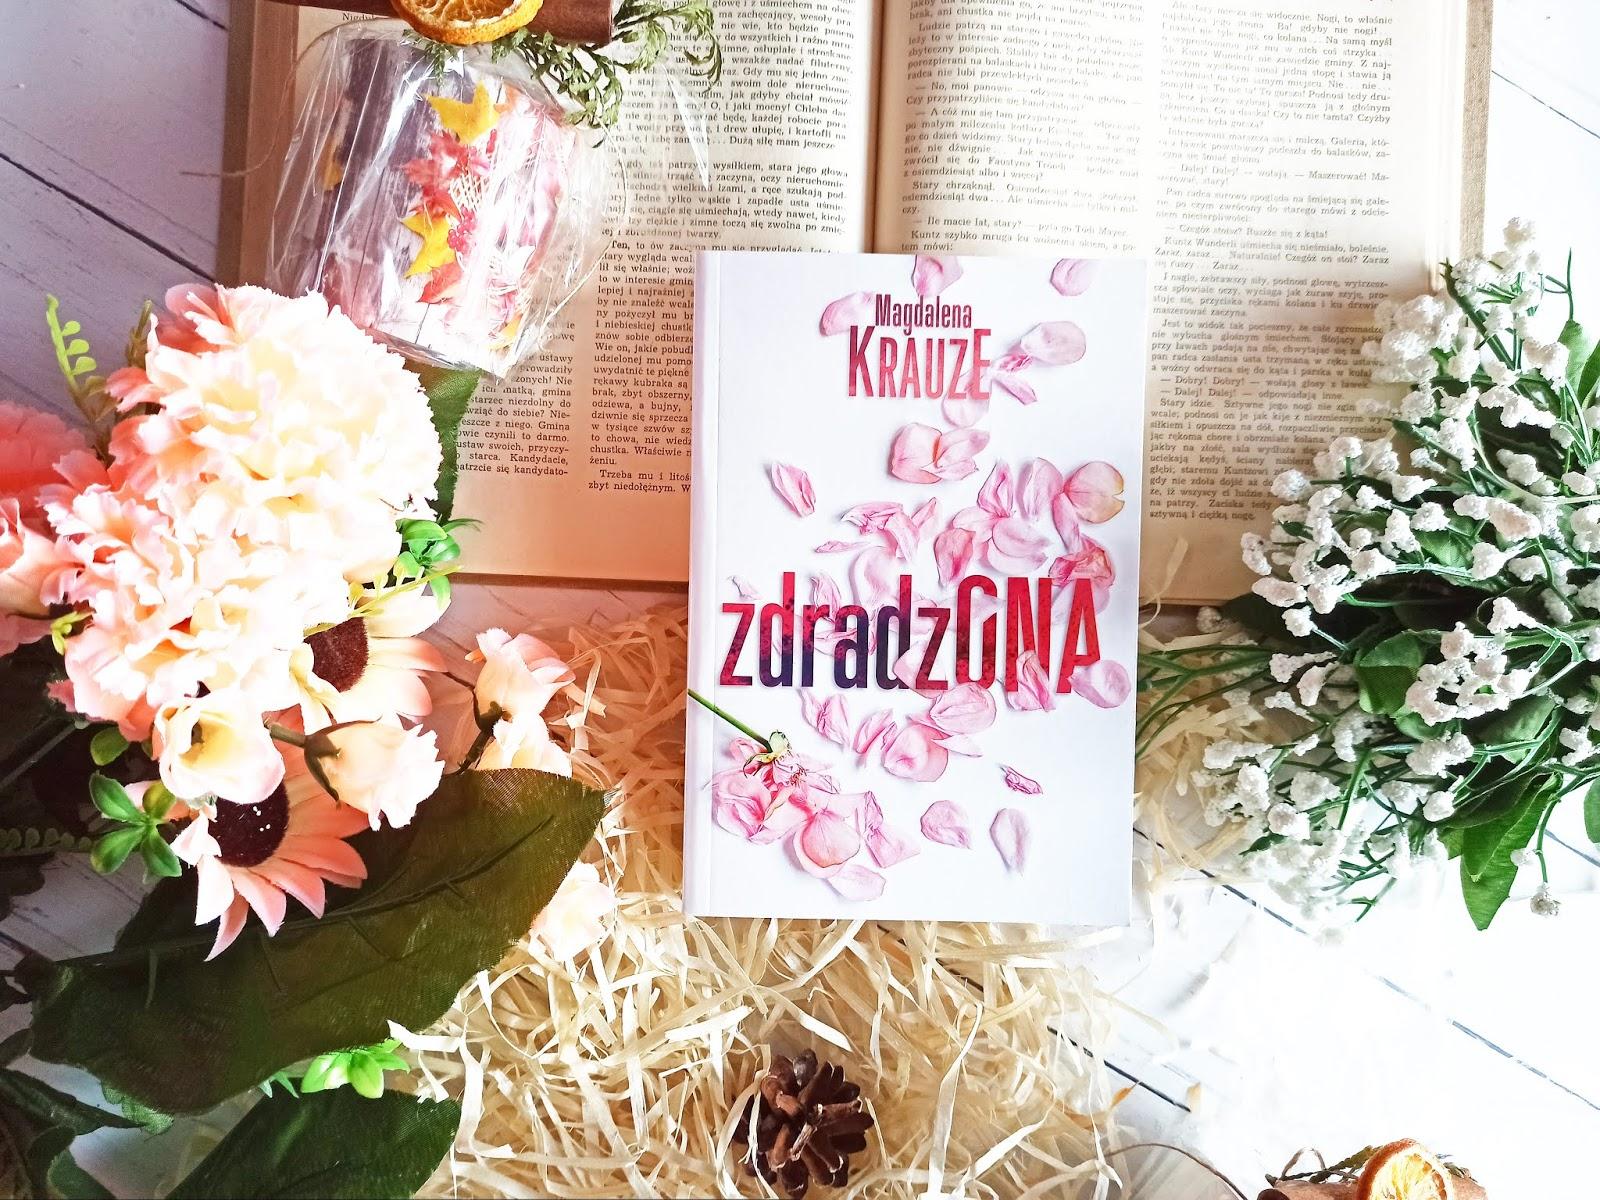 """""""Zdradzona"""" - Magdalena Krauze"""